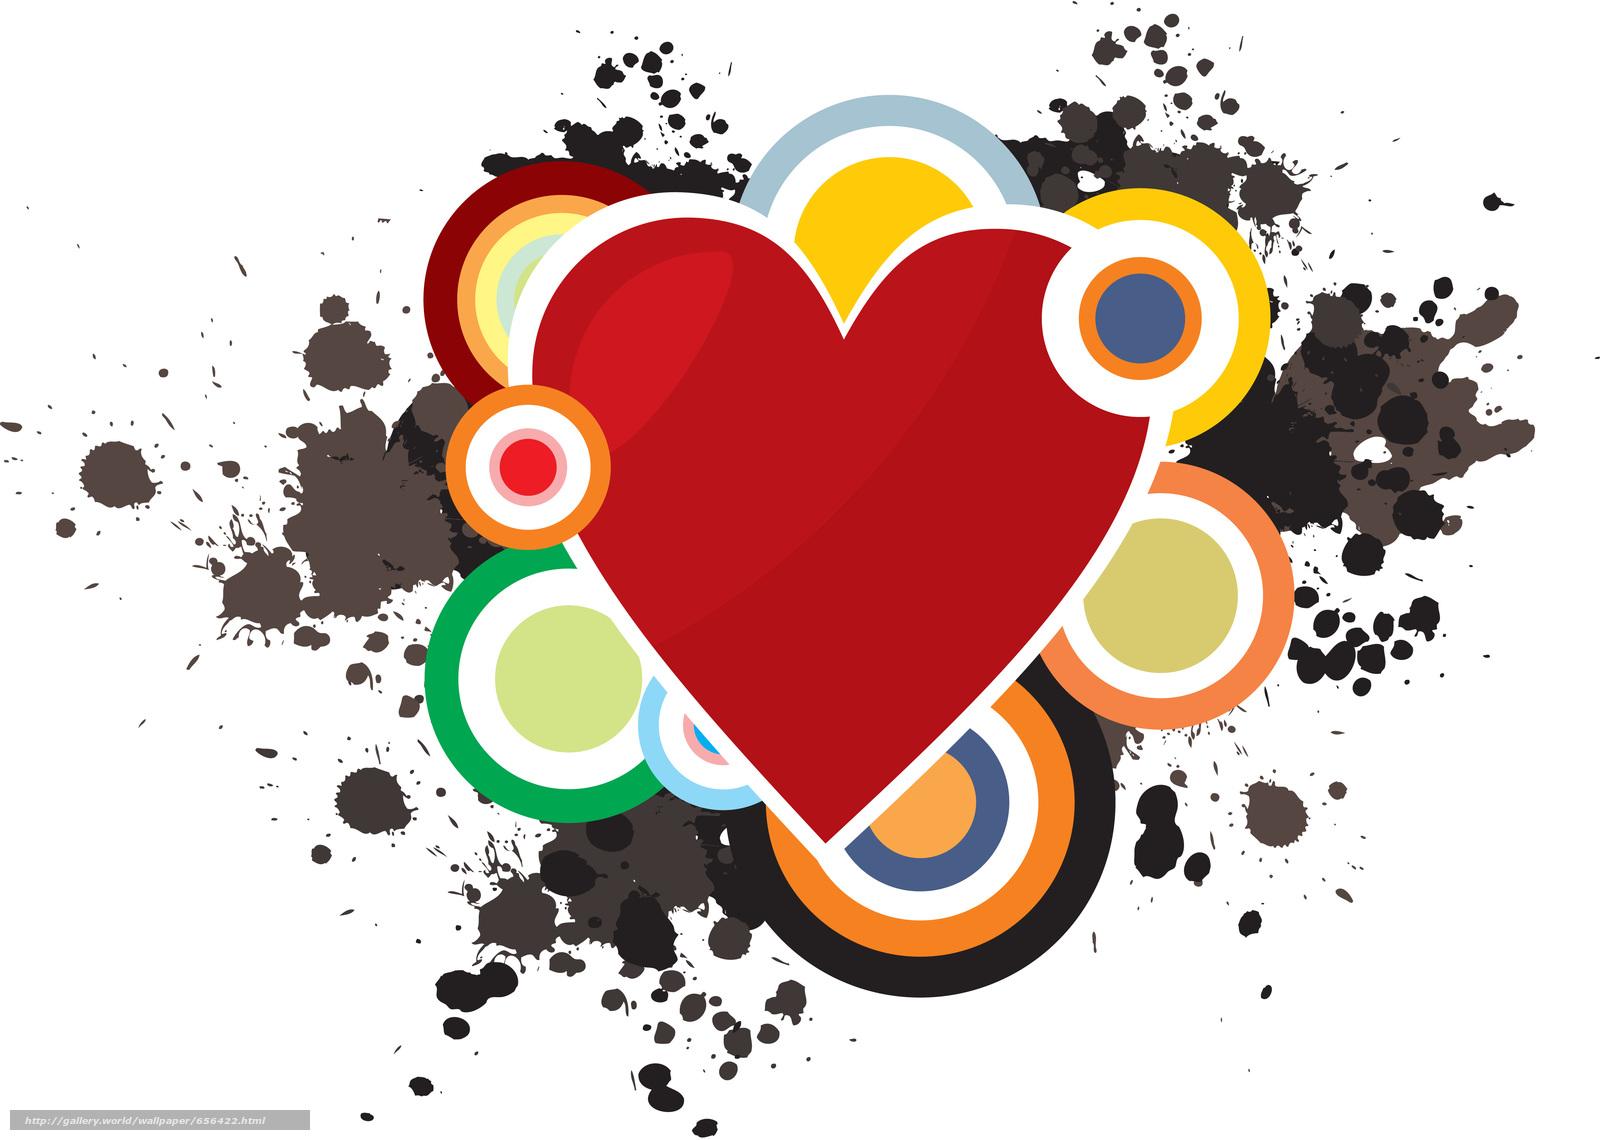 pobra tapety Valentine,  Walentynki,  święto,  serce Darmowe tapety na pulpit rozdzielczoci 5020x3576 — zdjcie №656422